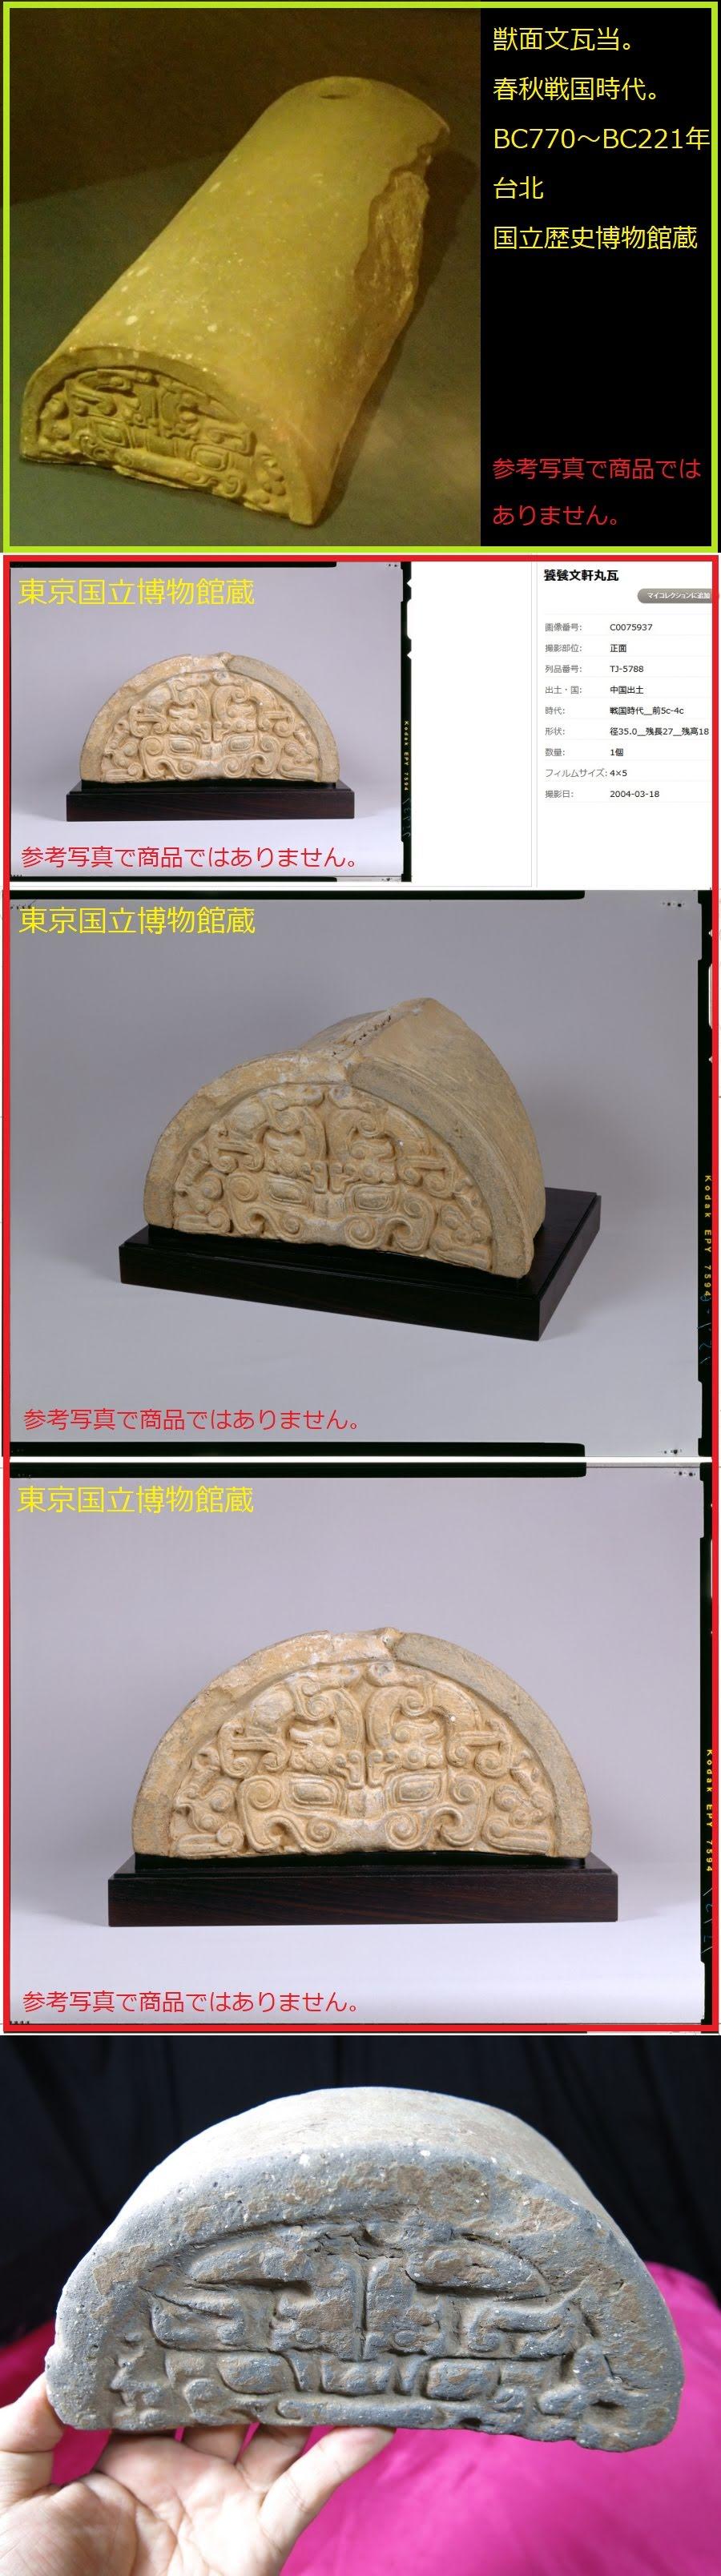 饕餮文瓦 戦国時代 遺跡発掘品 燕 紀元前4,5世紀 陶器 屋根瓦 瓦